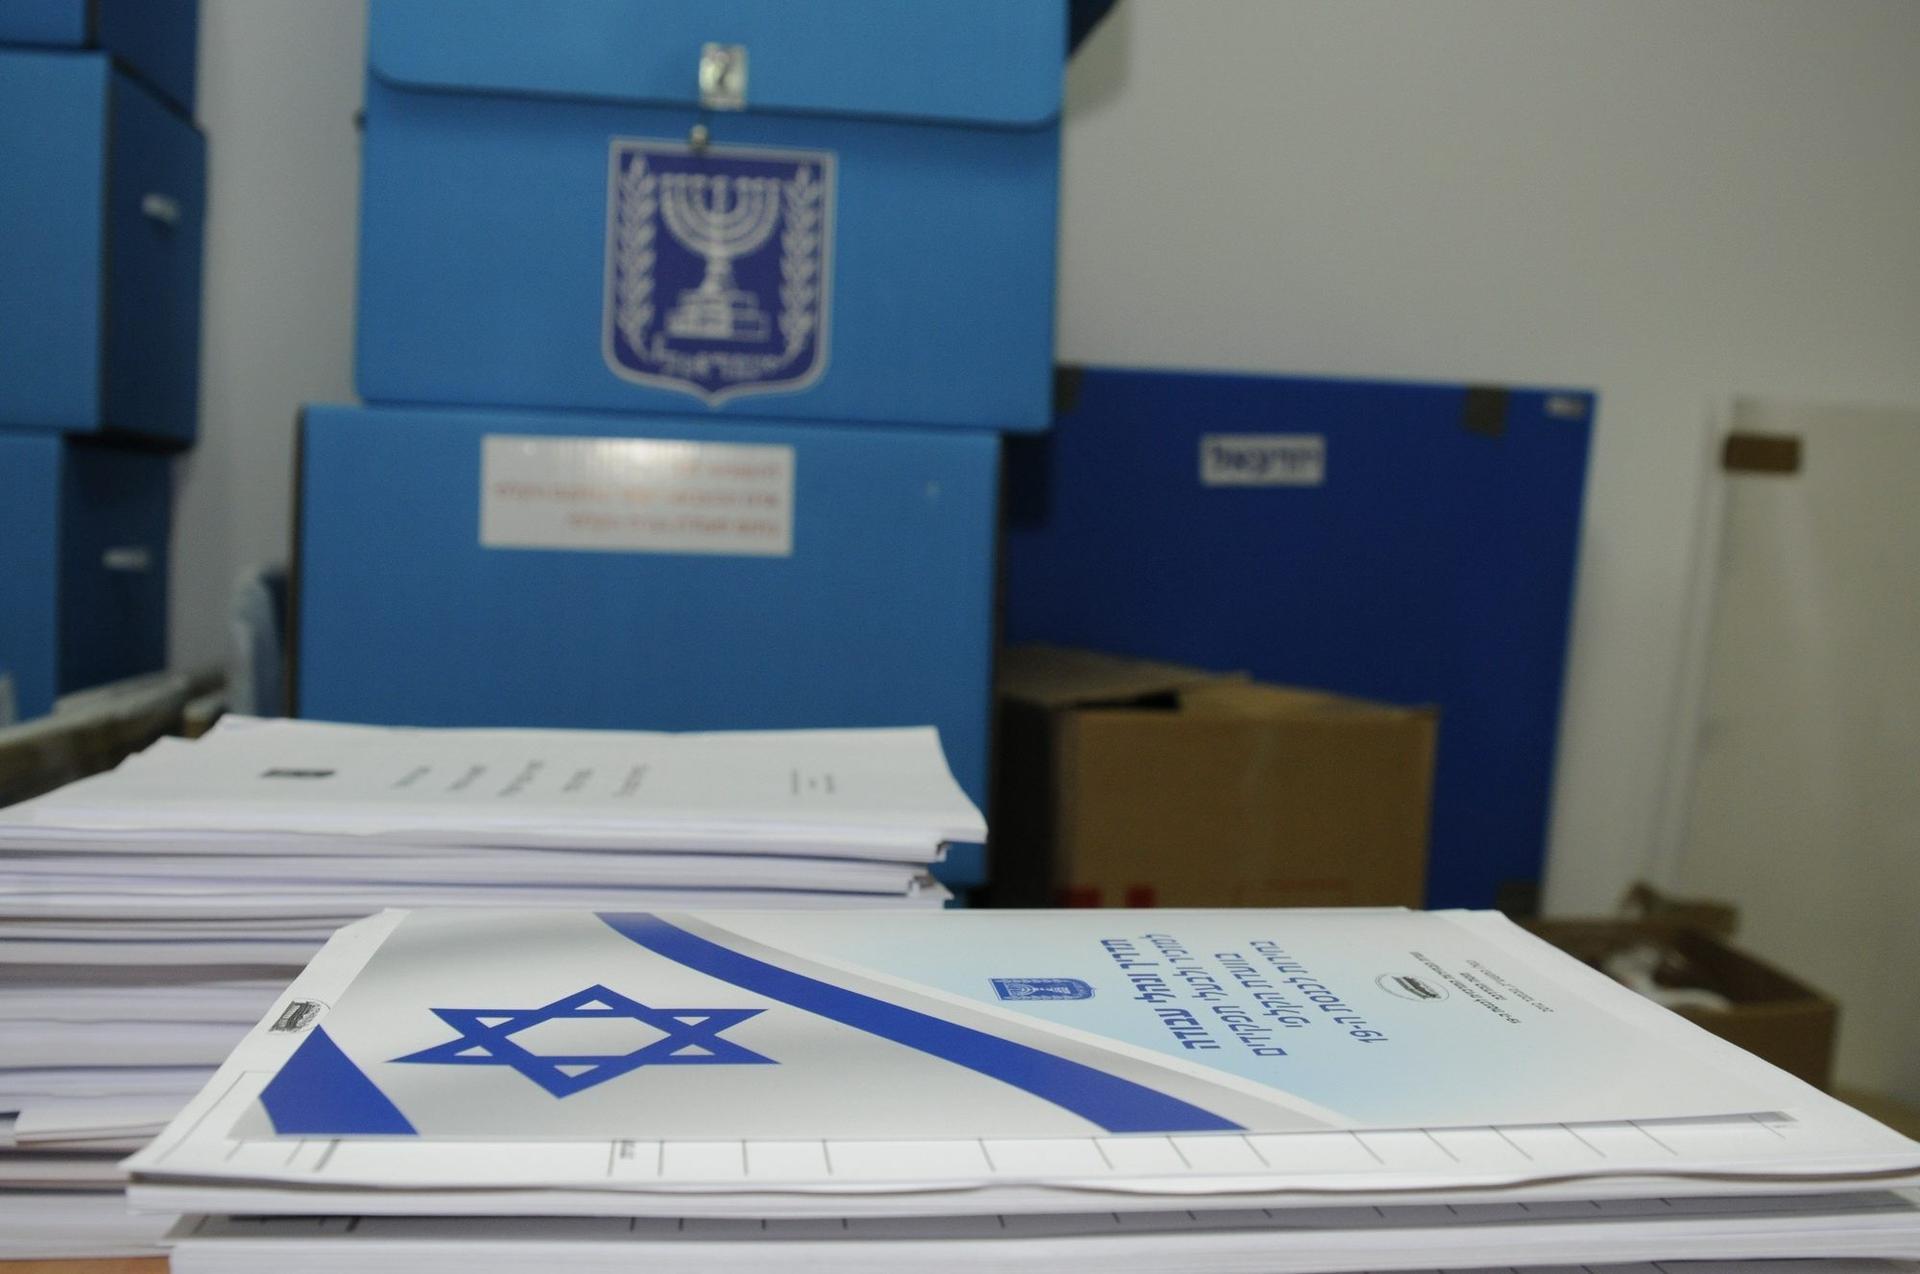 קלפי, בחירות, הצבעה. צילום: שרון צור